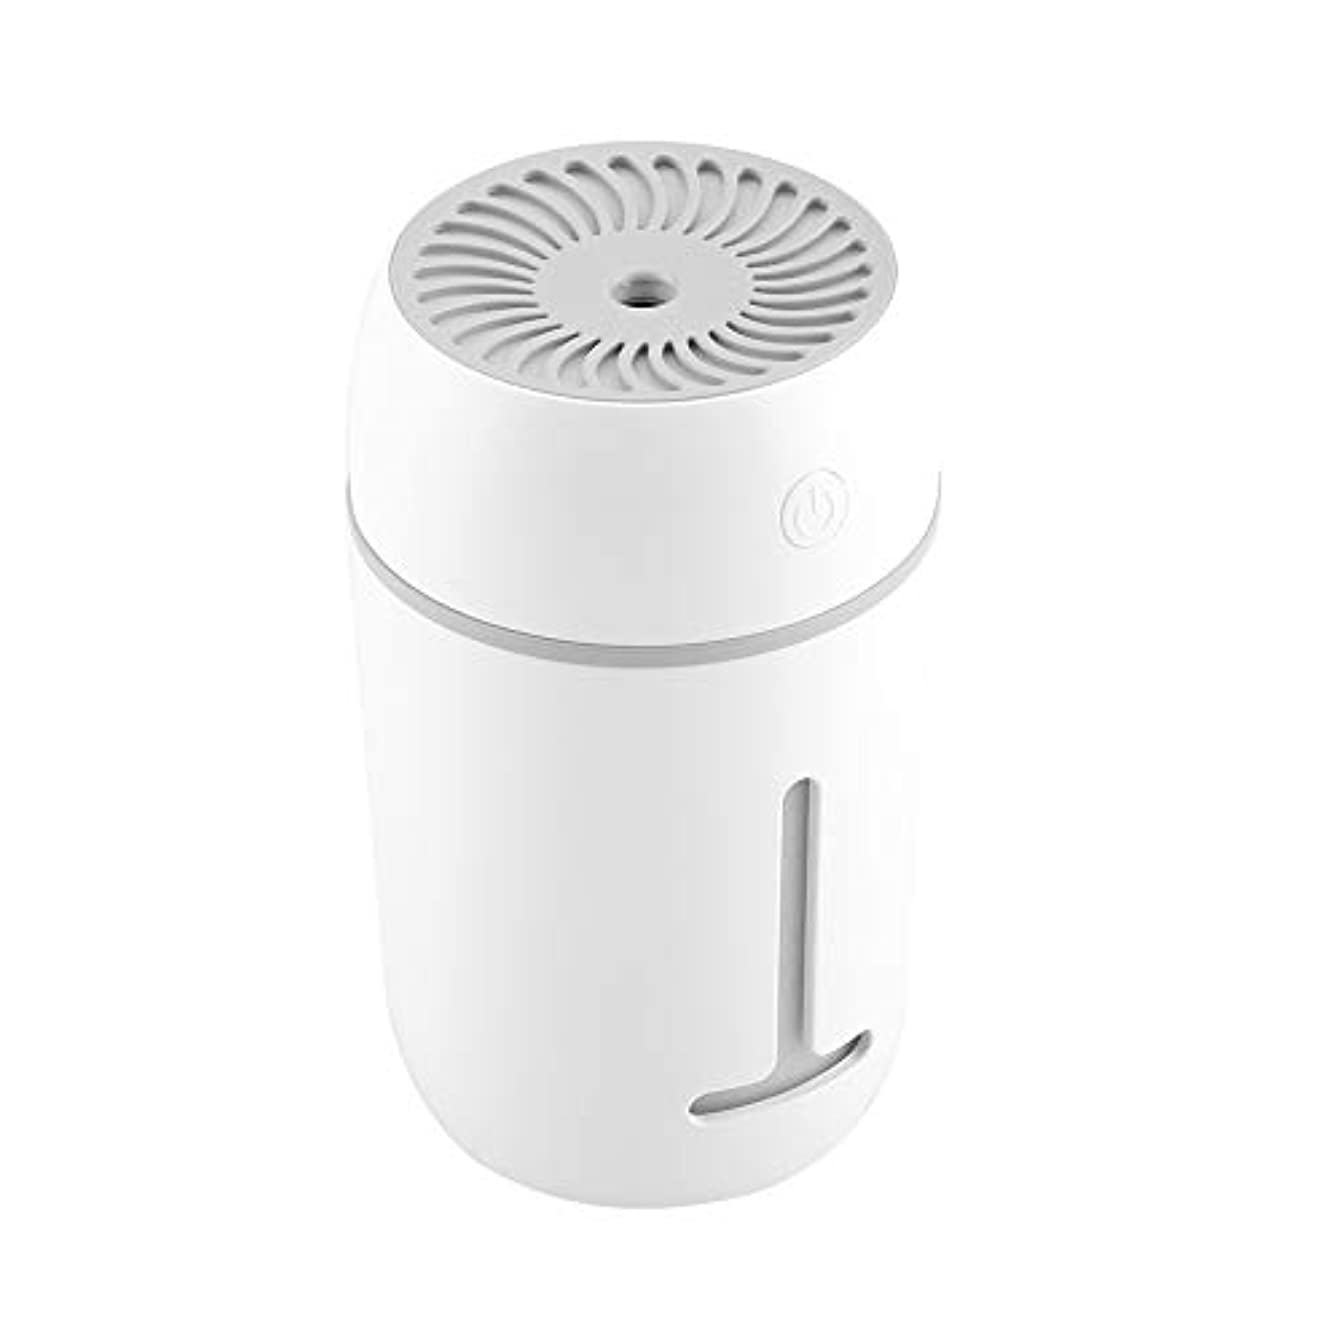 監査北西ポーズ携帯用加湿器、車のオフィスのためのUSBの再充電可能な携帯用超音波加湿器の拡散器7色LEDライト